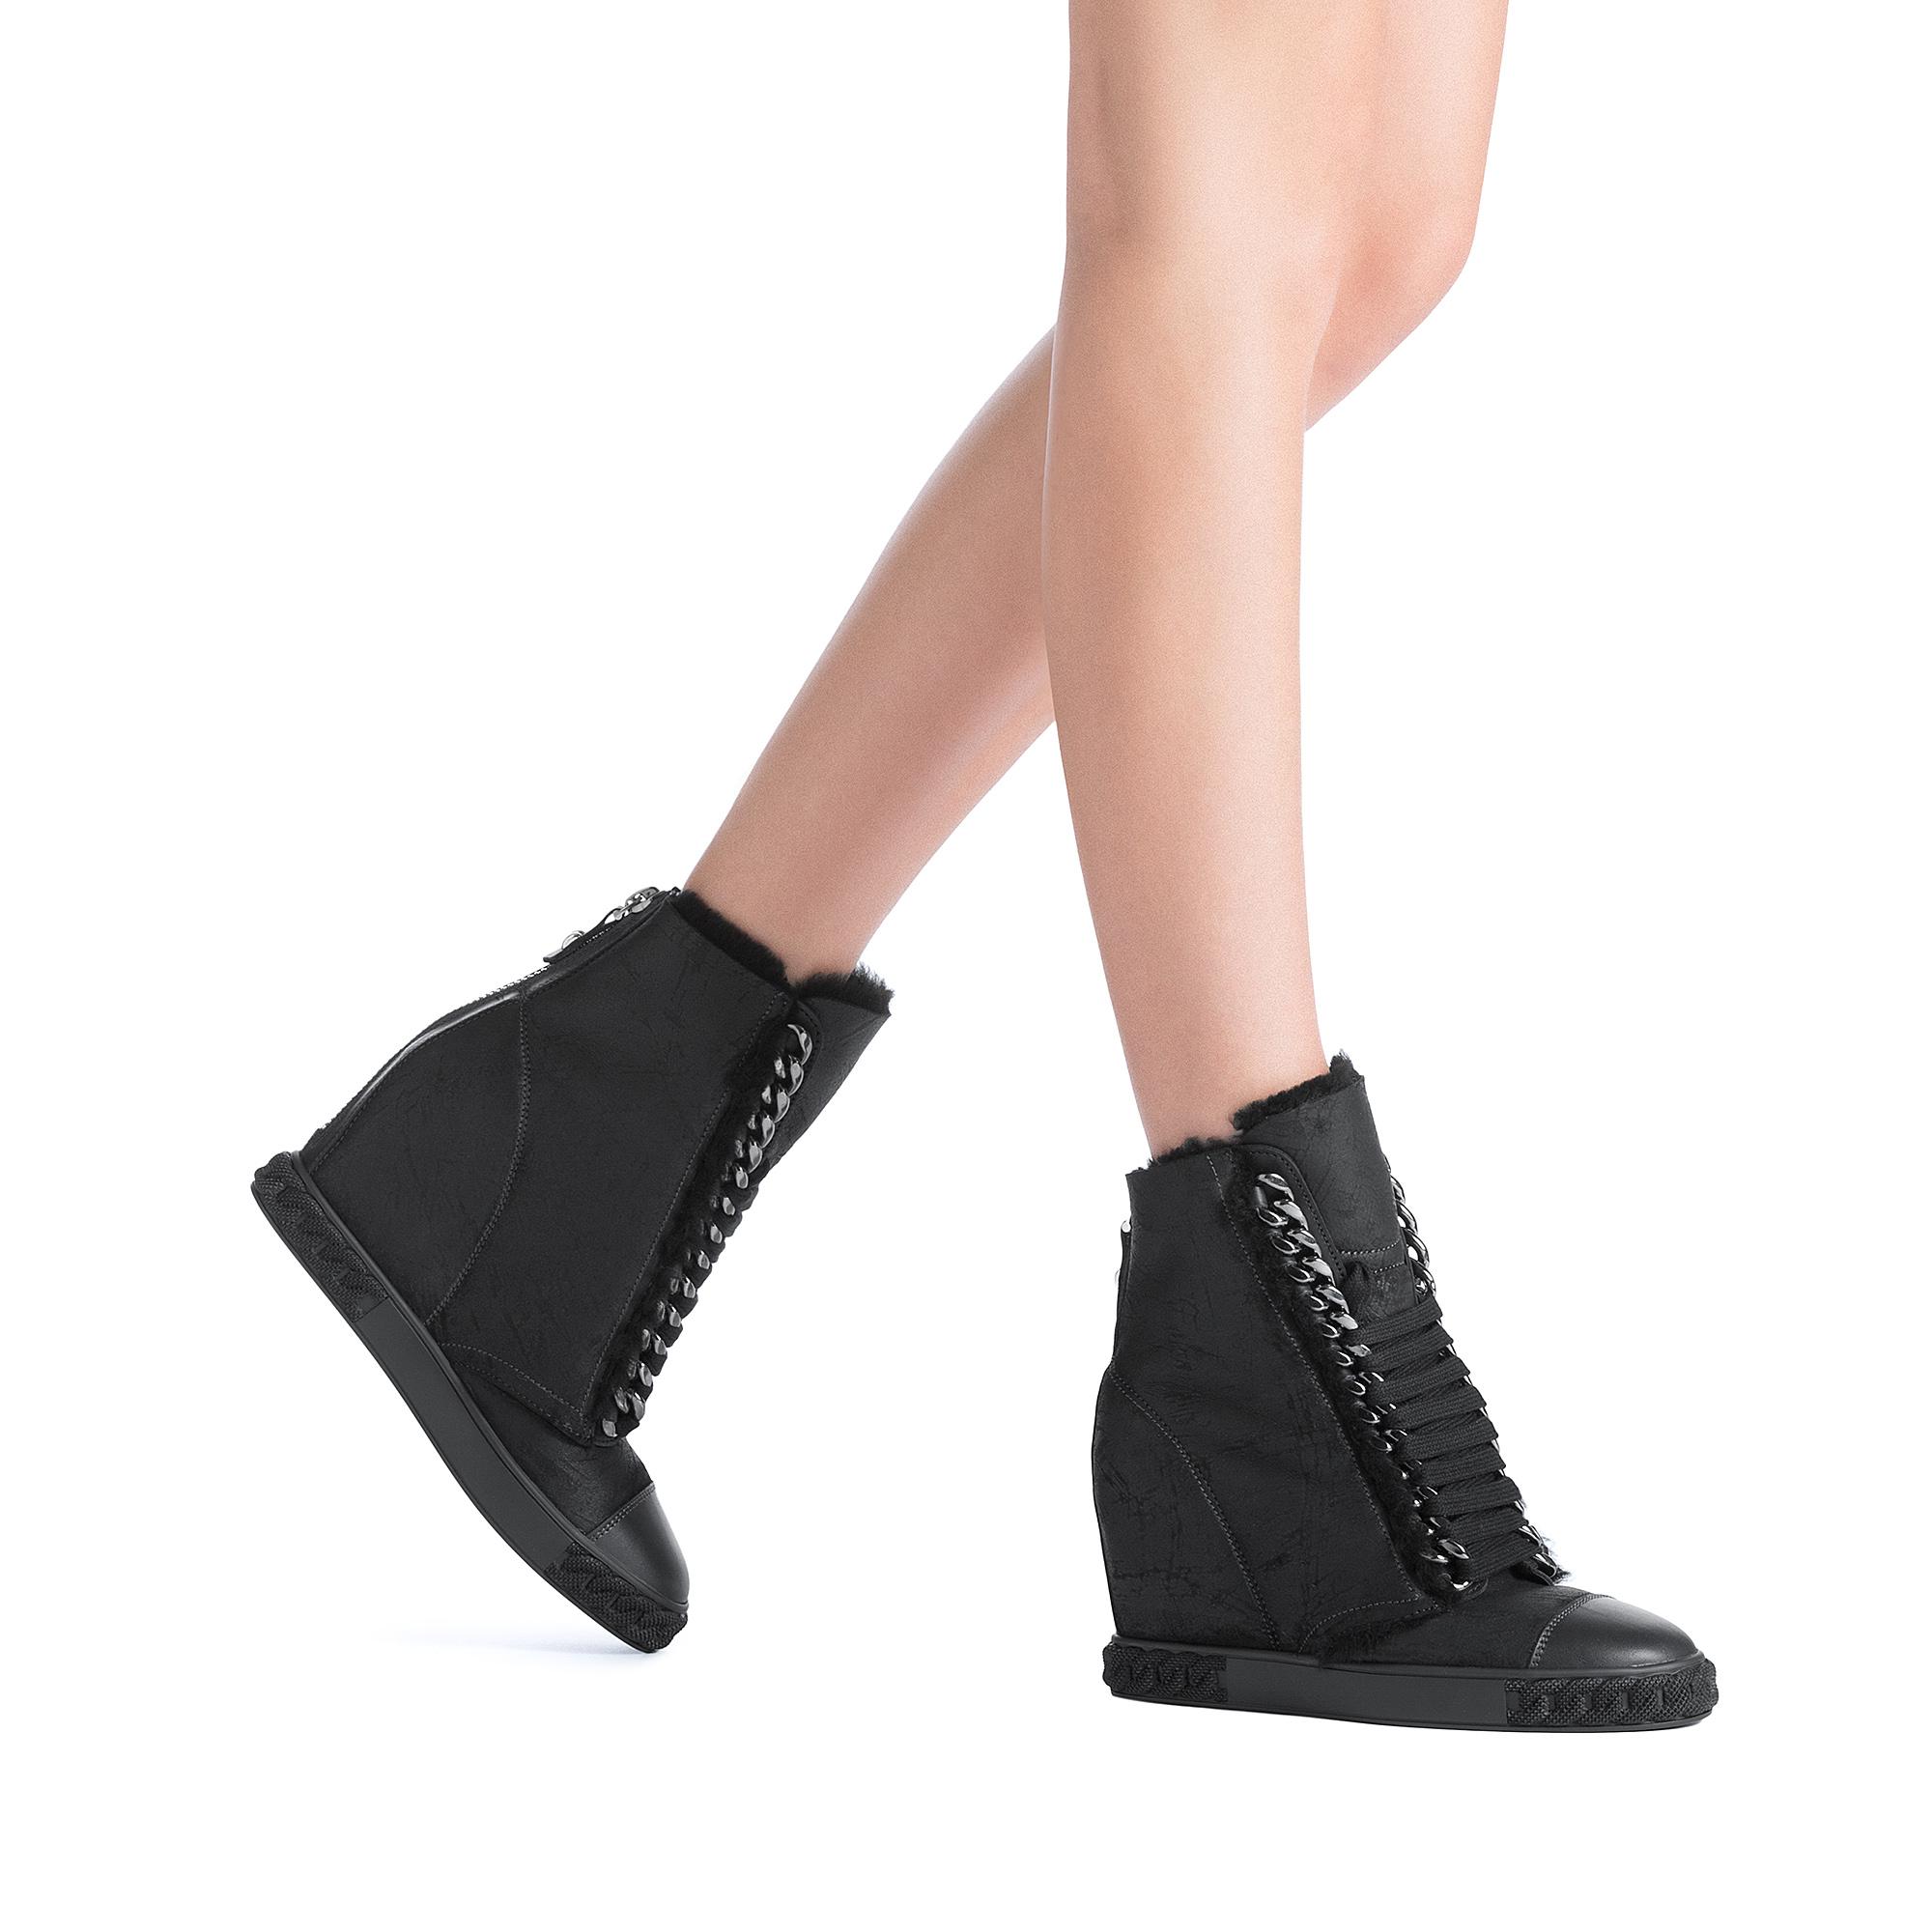 da0a34b12a1 Lyst - Casadei Sneakers in Black